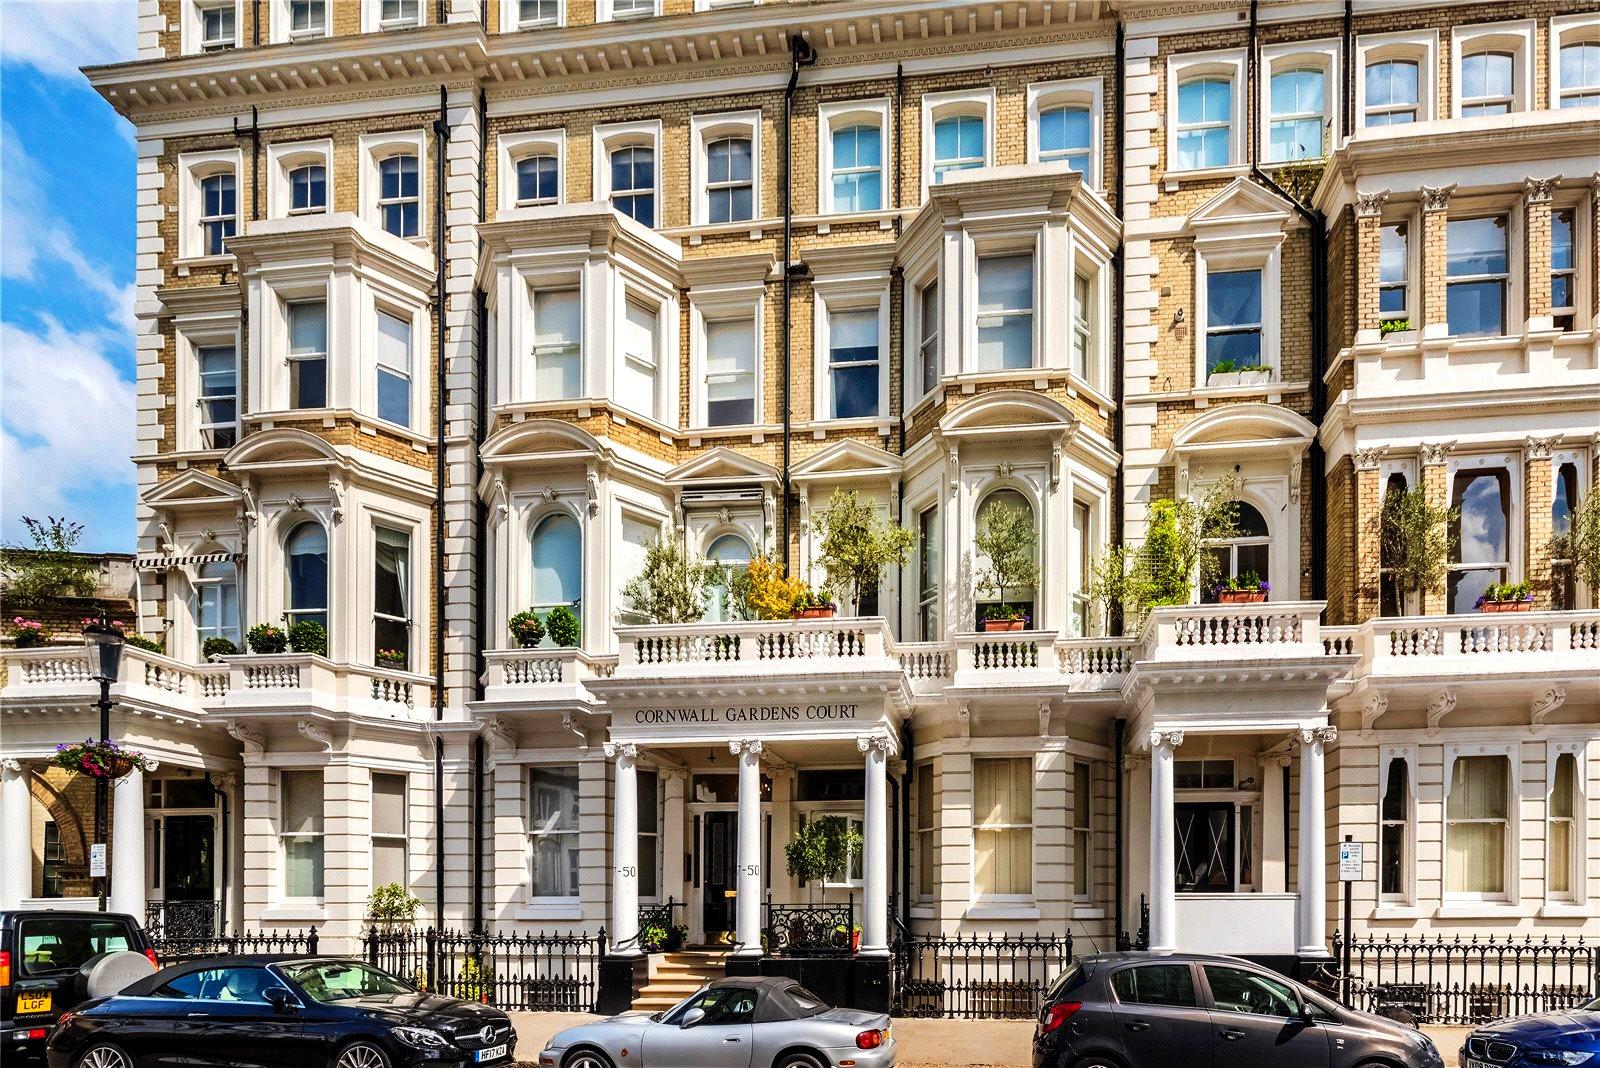 Цены на жилье в Великобритании бьют рекорды